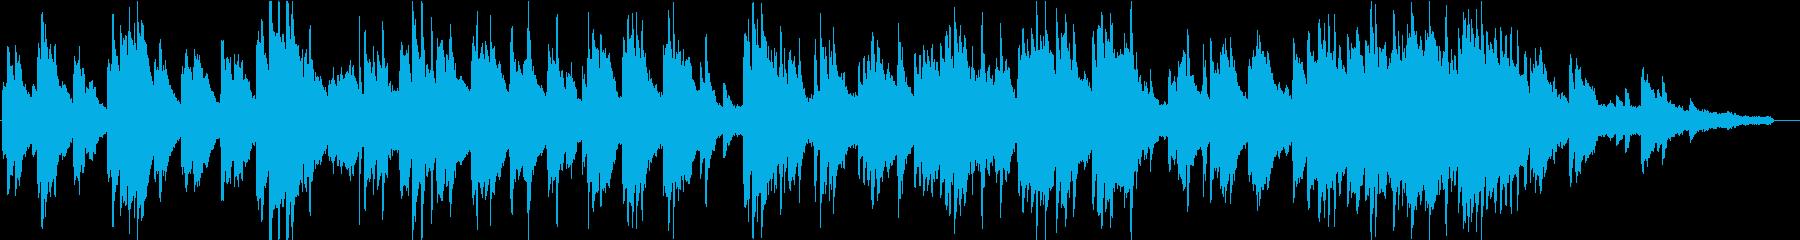 ヒーリングピアノ組曲 まどろみ 11の再生済みの波形